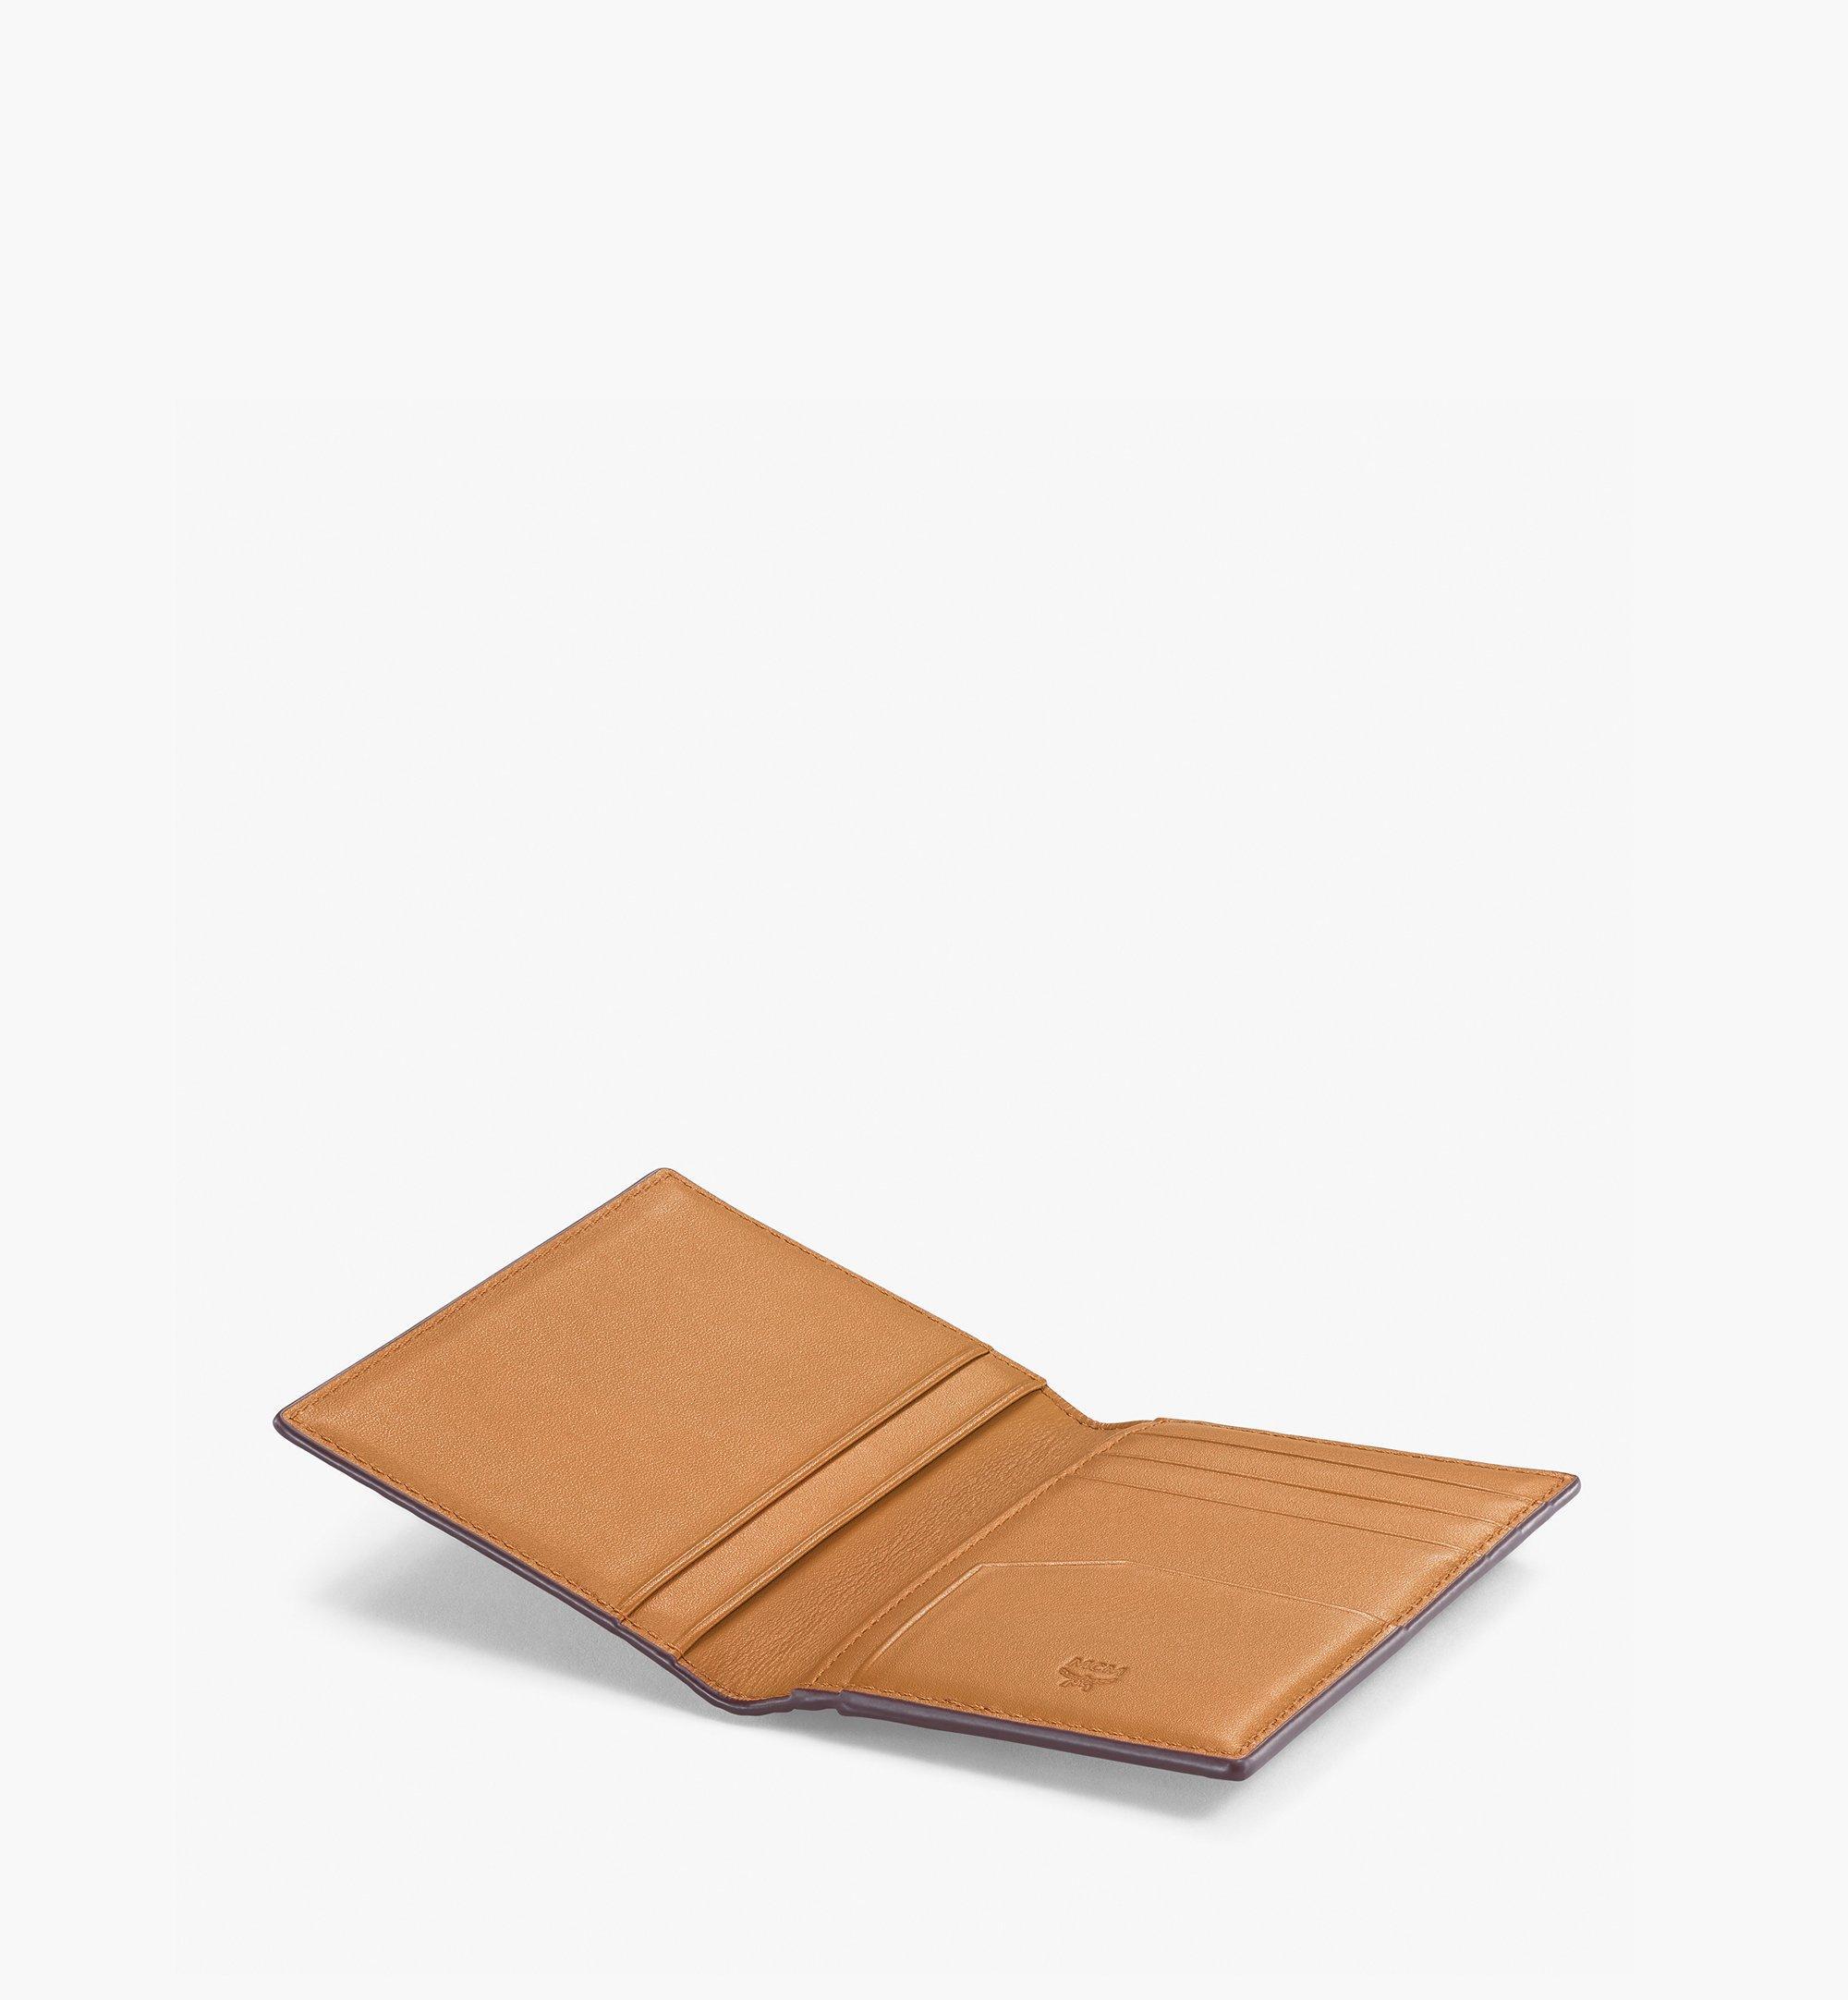 MCM Gefaltete Brieftasche für Karten in Visetos Original Cognac MXAAAVI04CO001 Noch mehr sehen 1